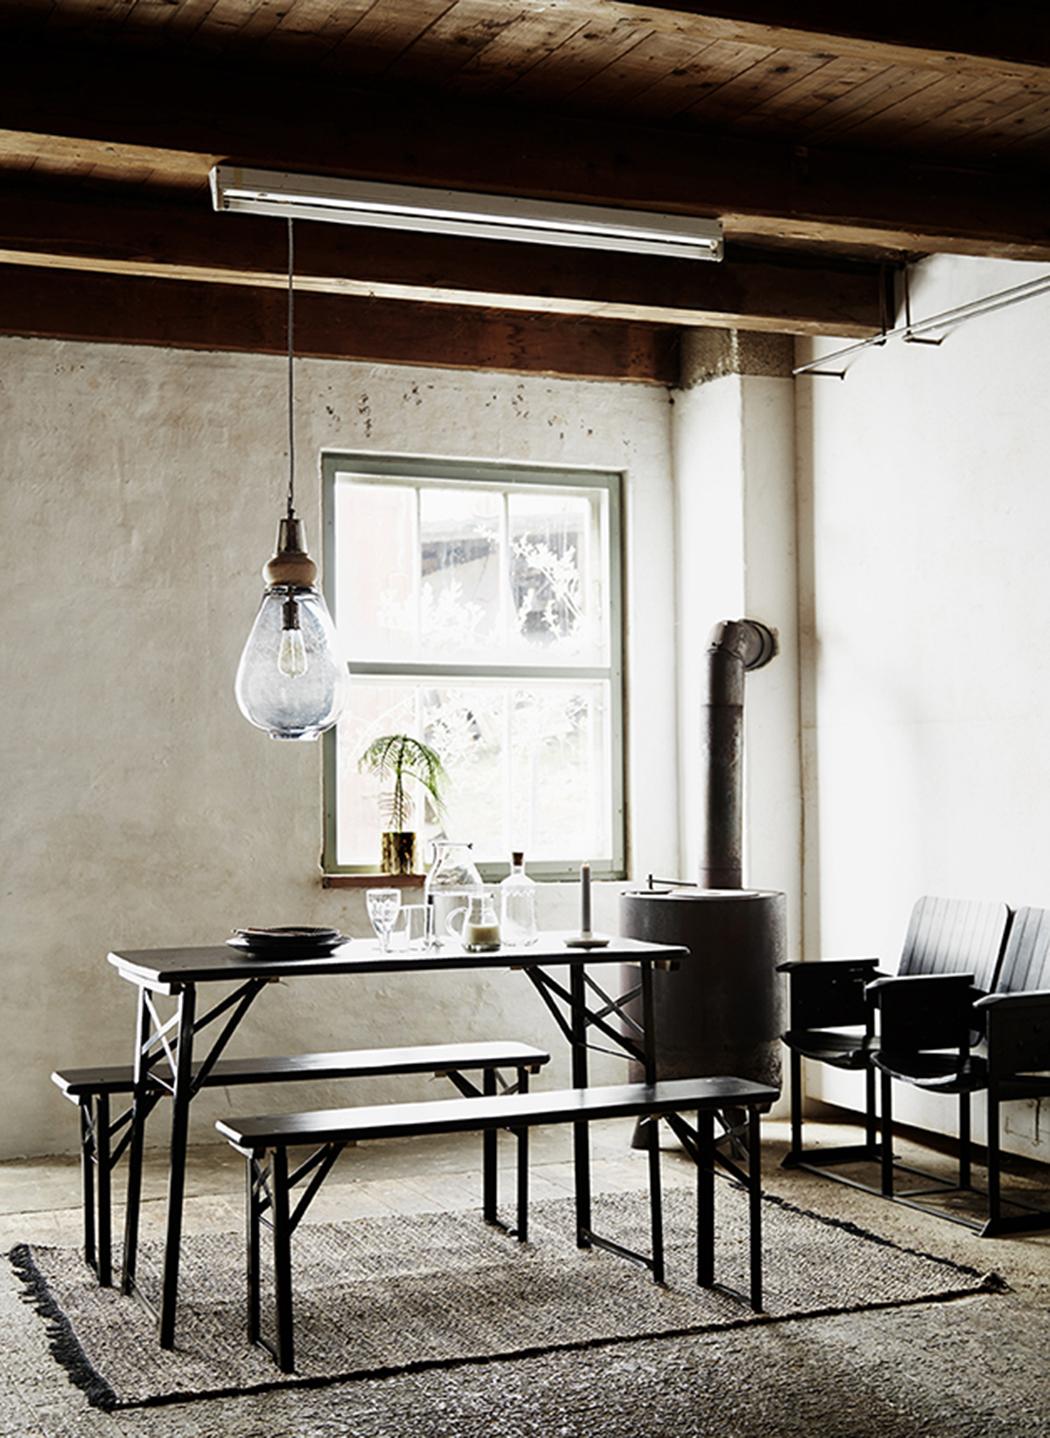 Hanglamp glas €159,95 (Madam Stoltz)_kl